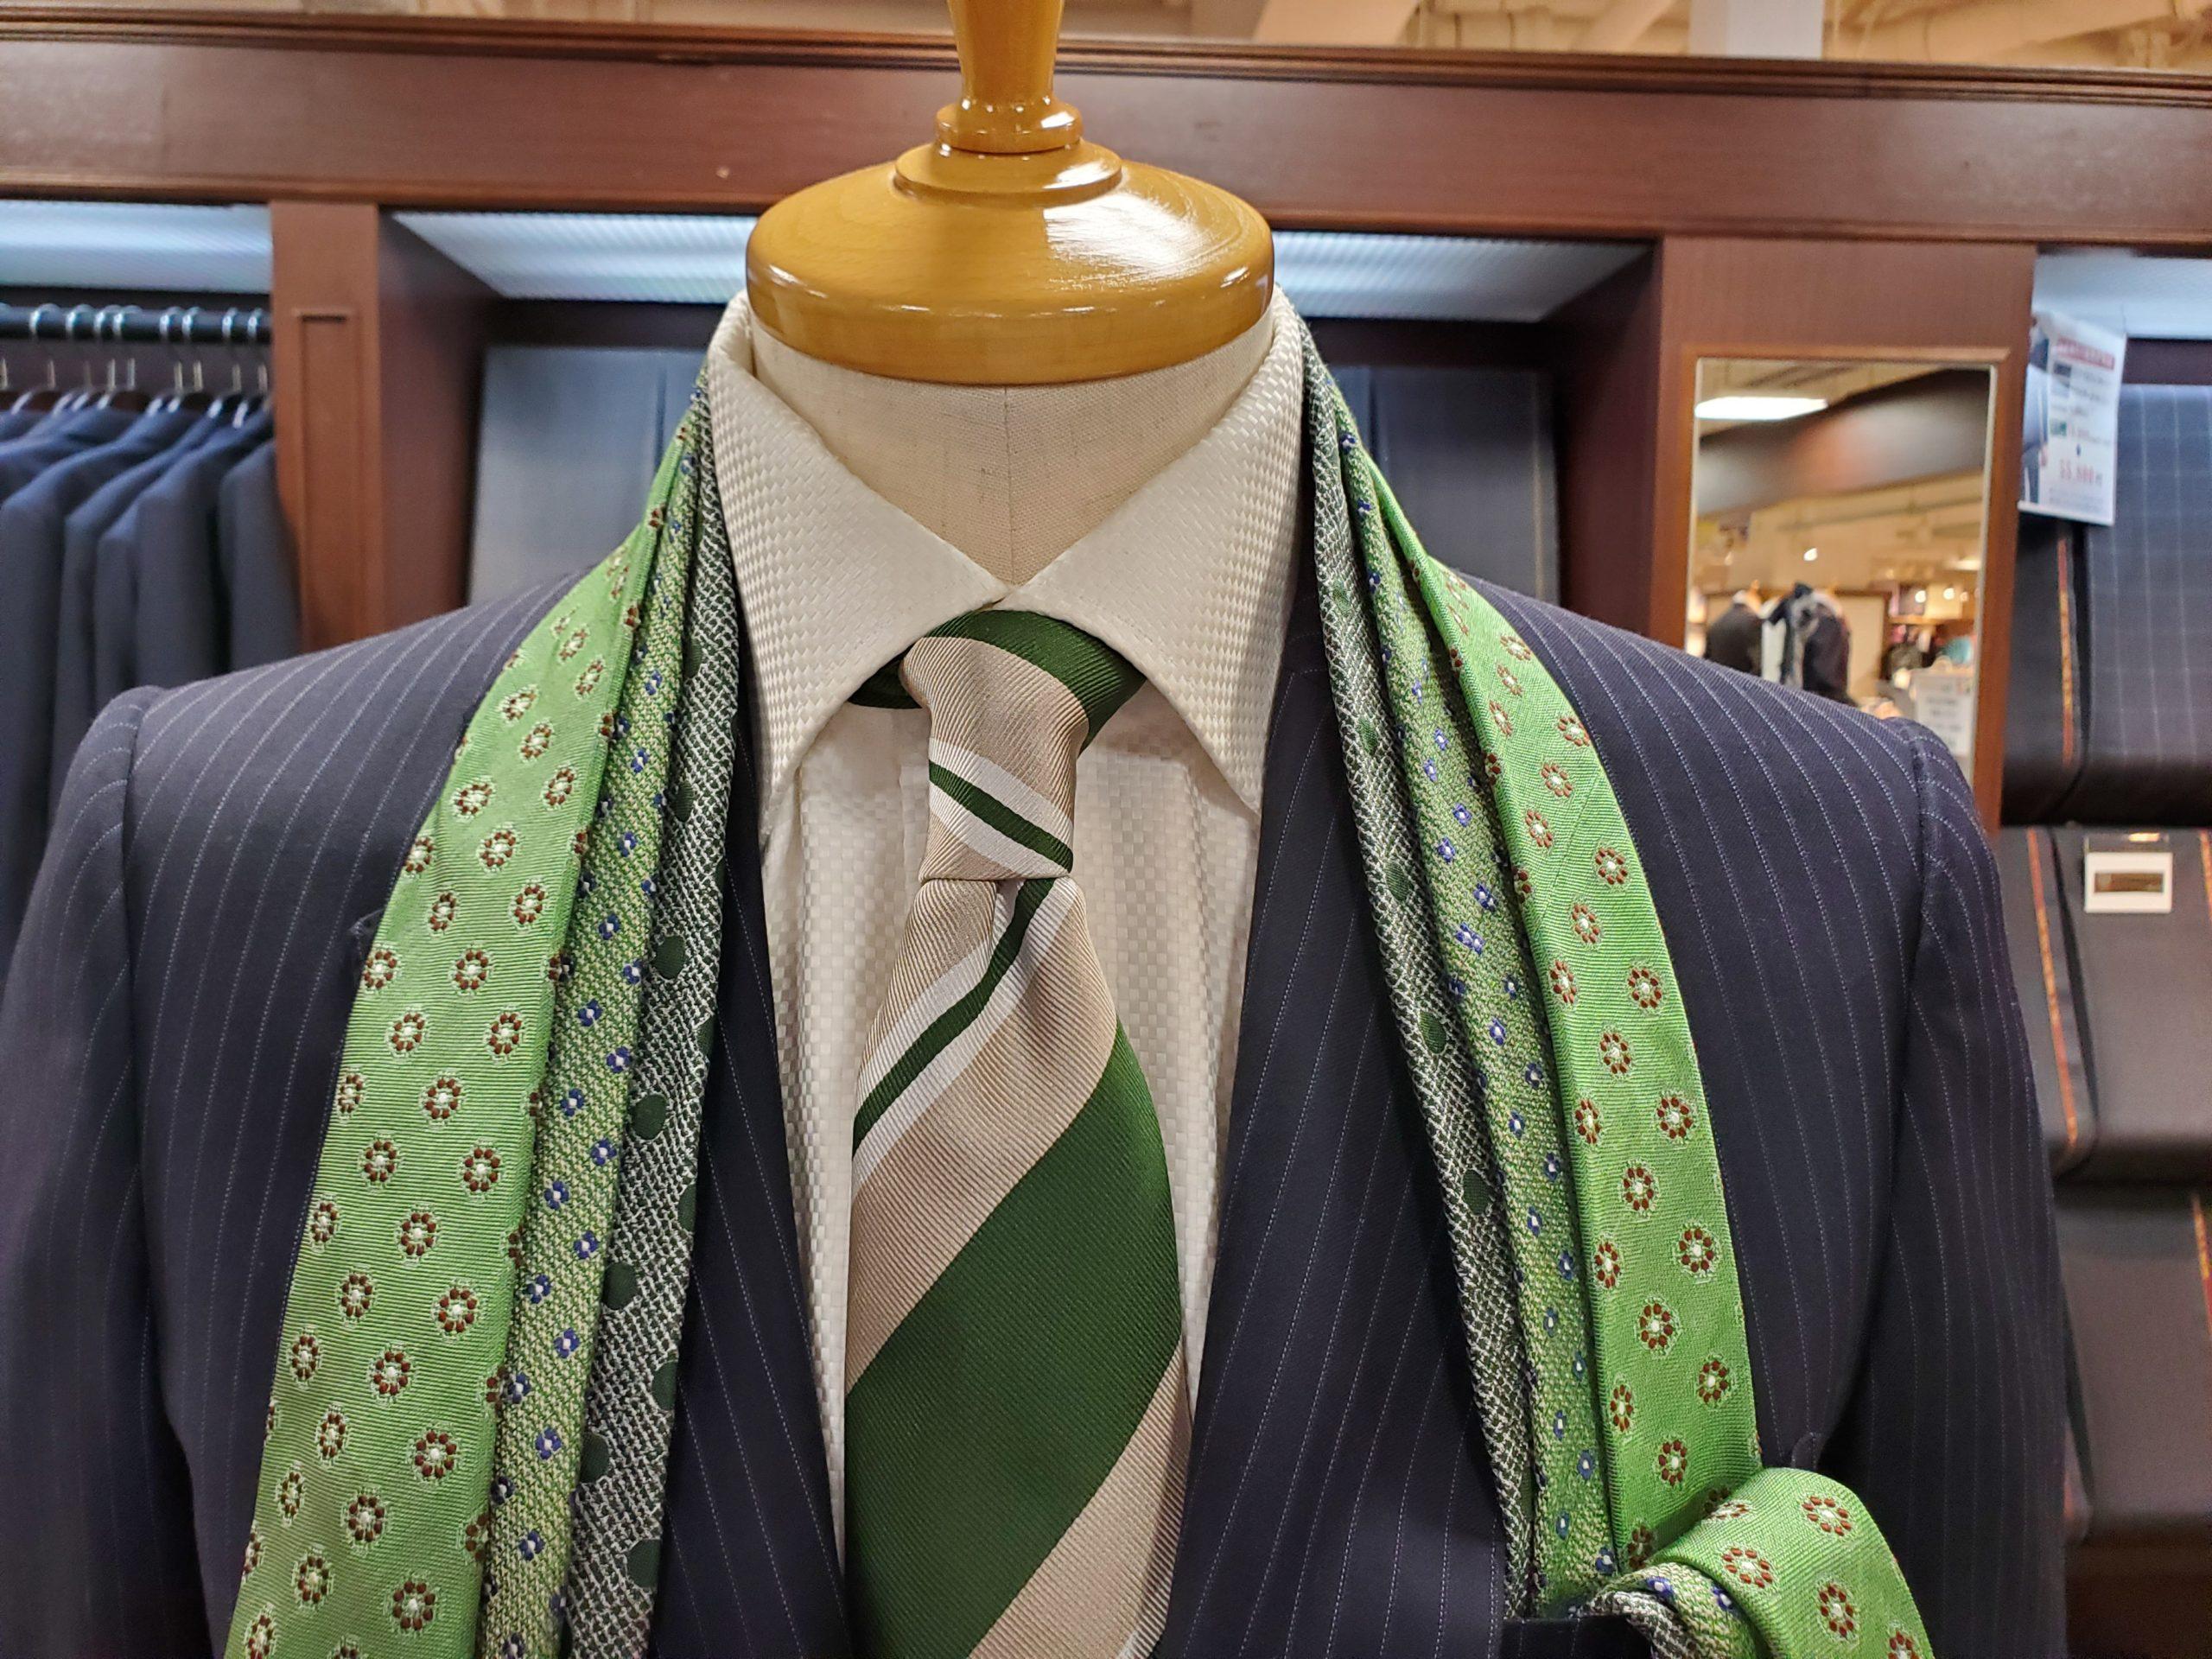 夏の終わりにグリーンのネクタイいかがですか?